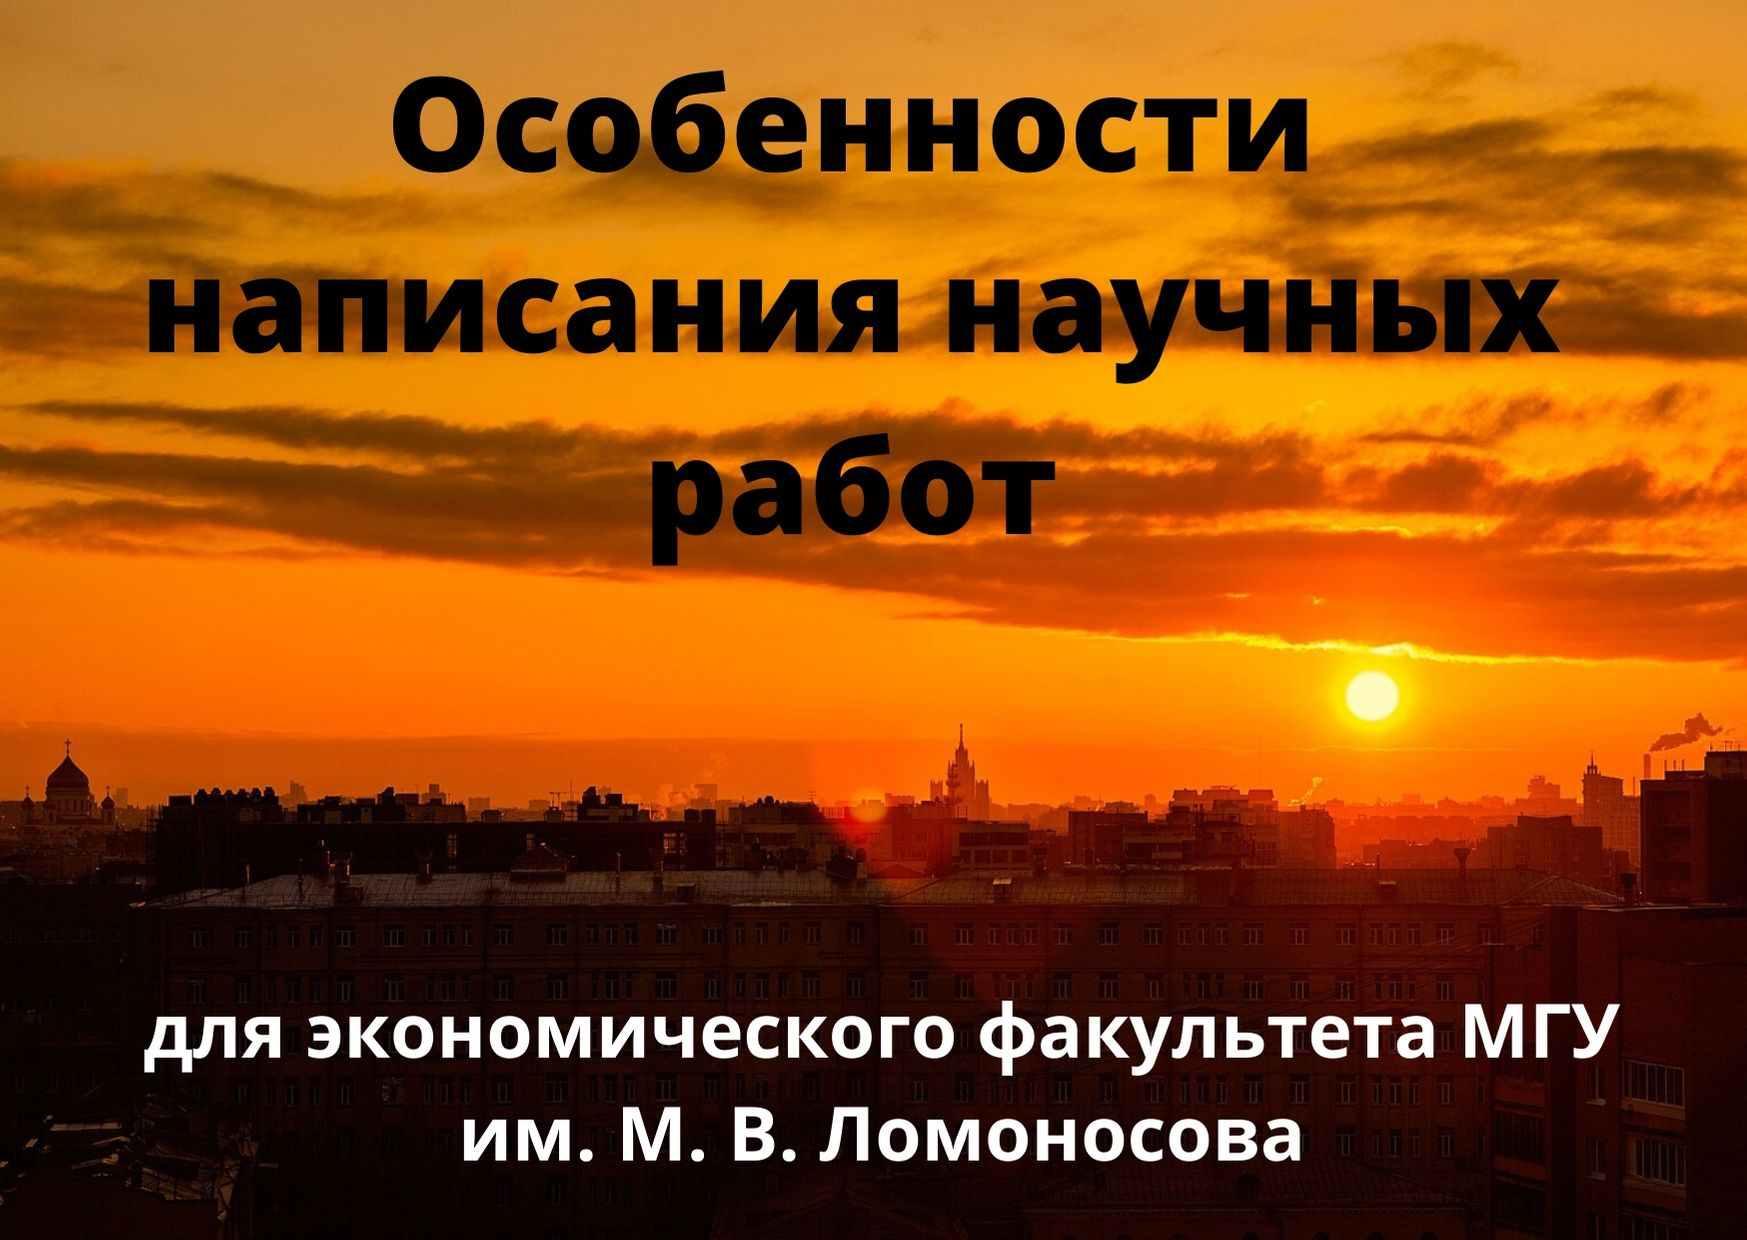 Особенности написания научных работ для экономического факультета МГУ им. М. В. Ломоносова